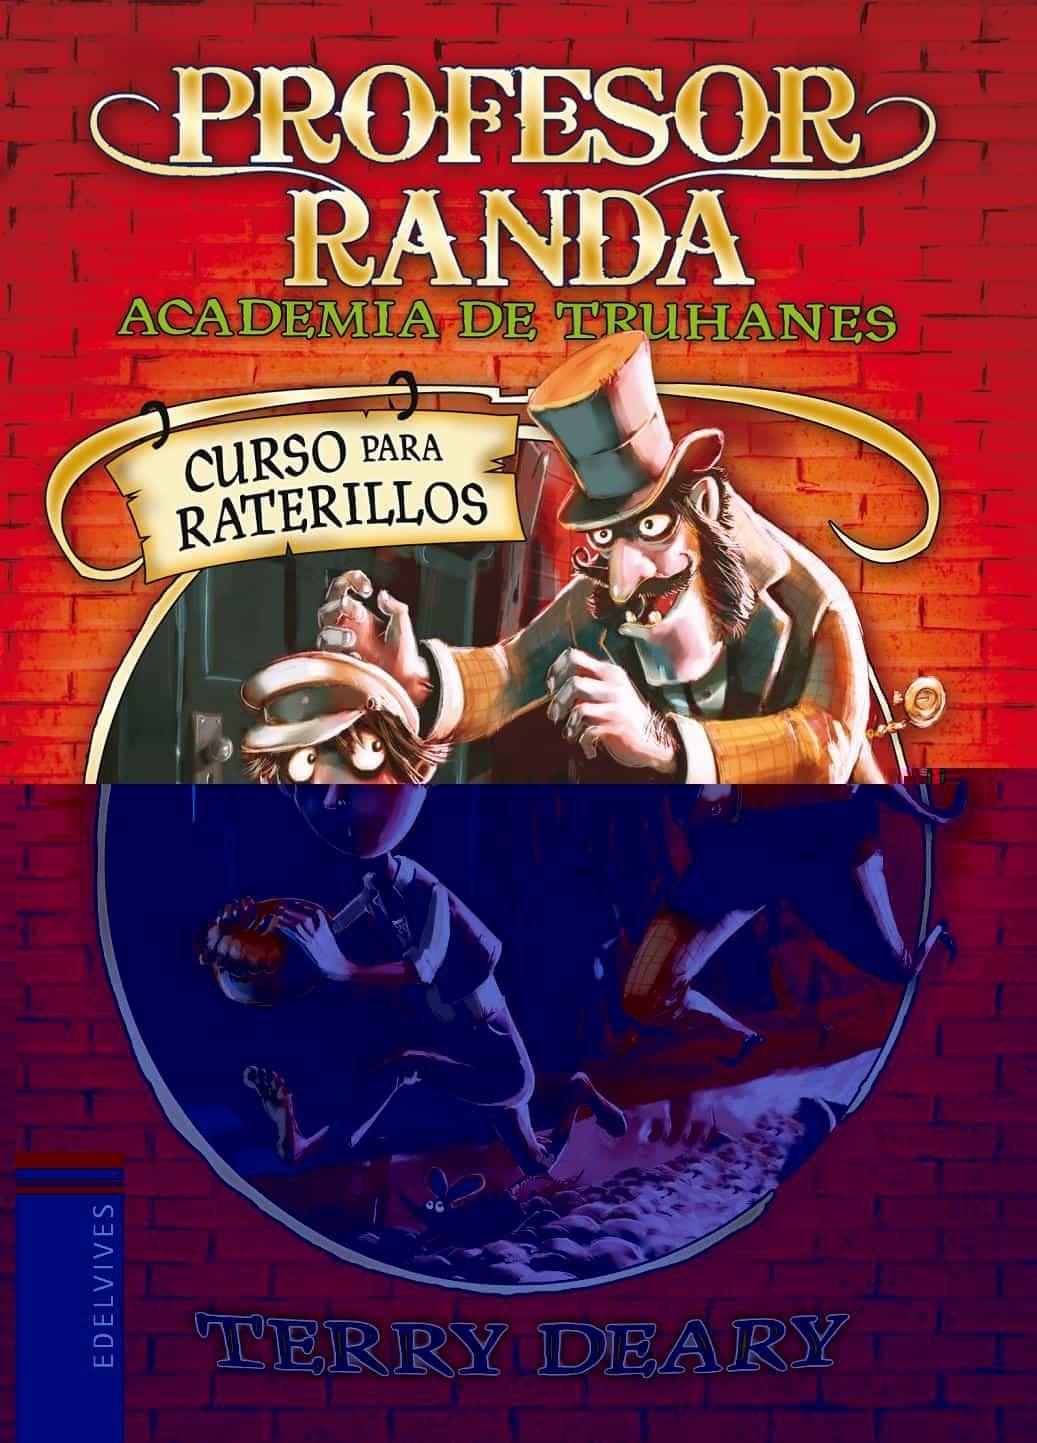 Curso para raterillos (Profesor Randa (Academia de Truhanes))